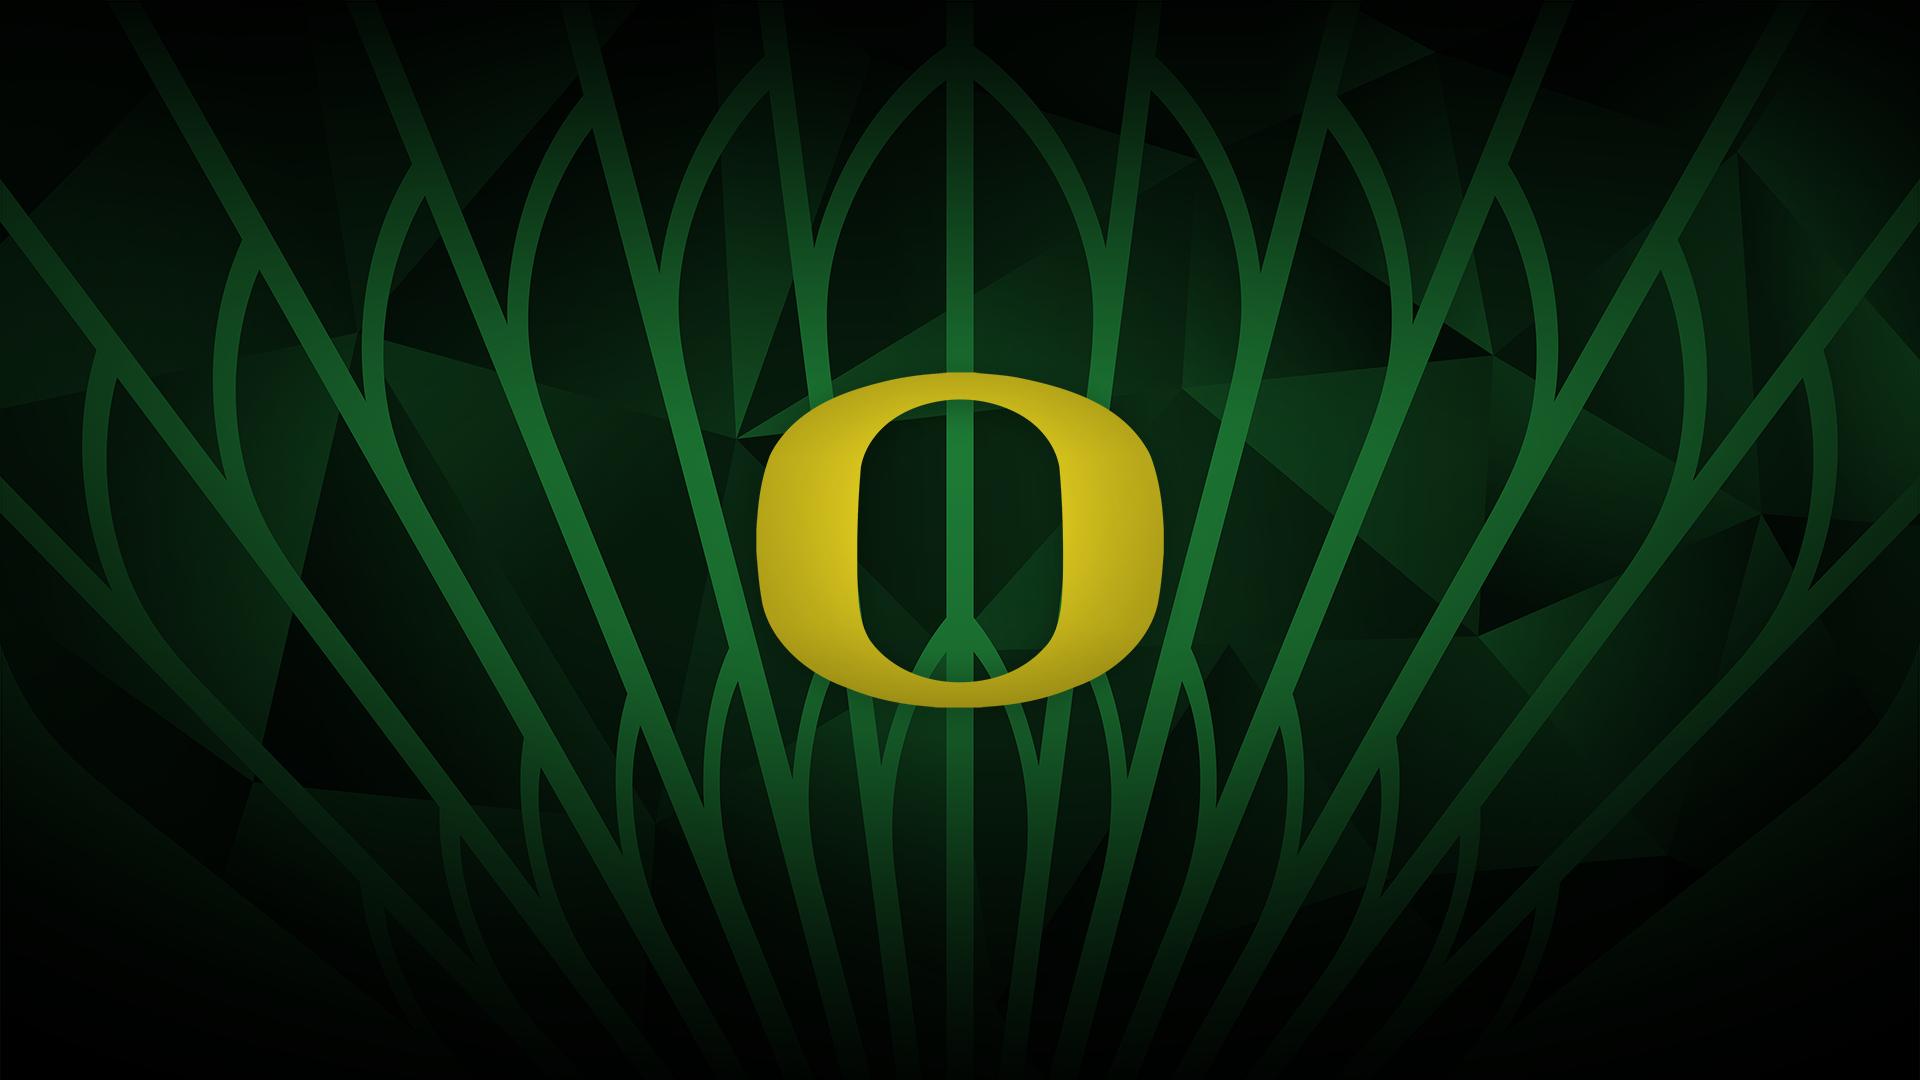 Oregon Wallpaperpng 1920x1080